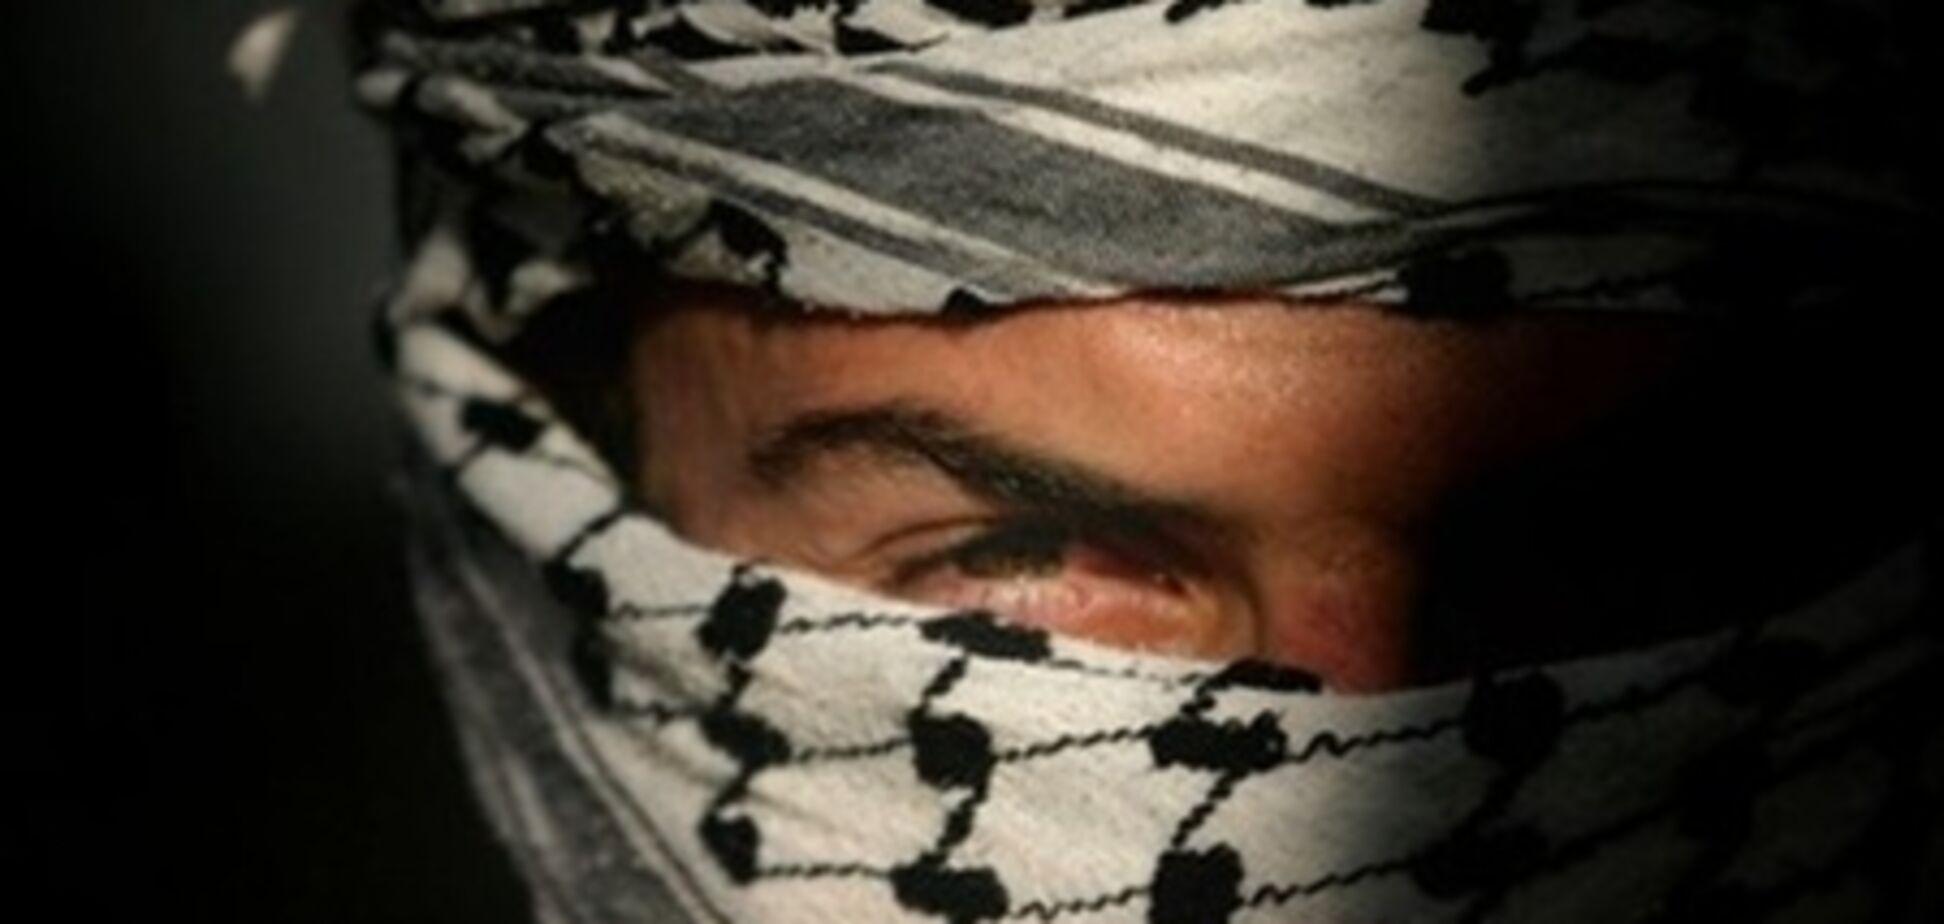 США обвинили Иран в тайном сговоре с 'Аль-Каидой'